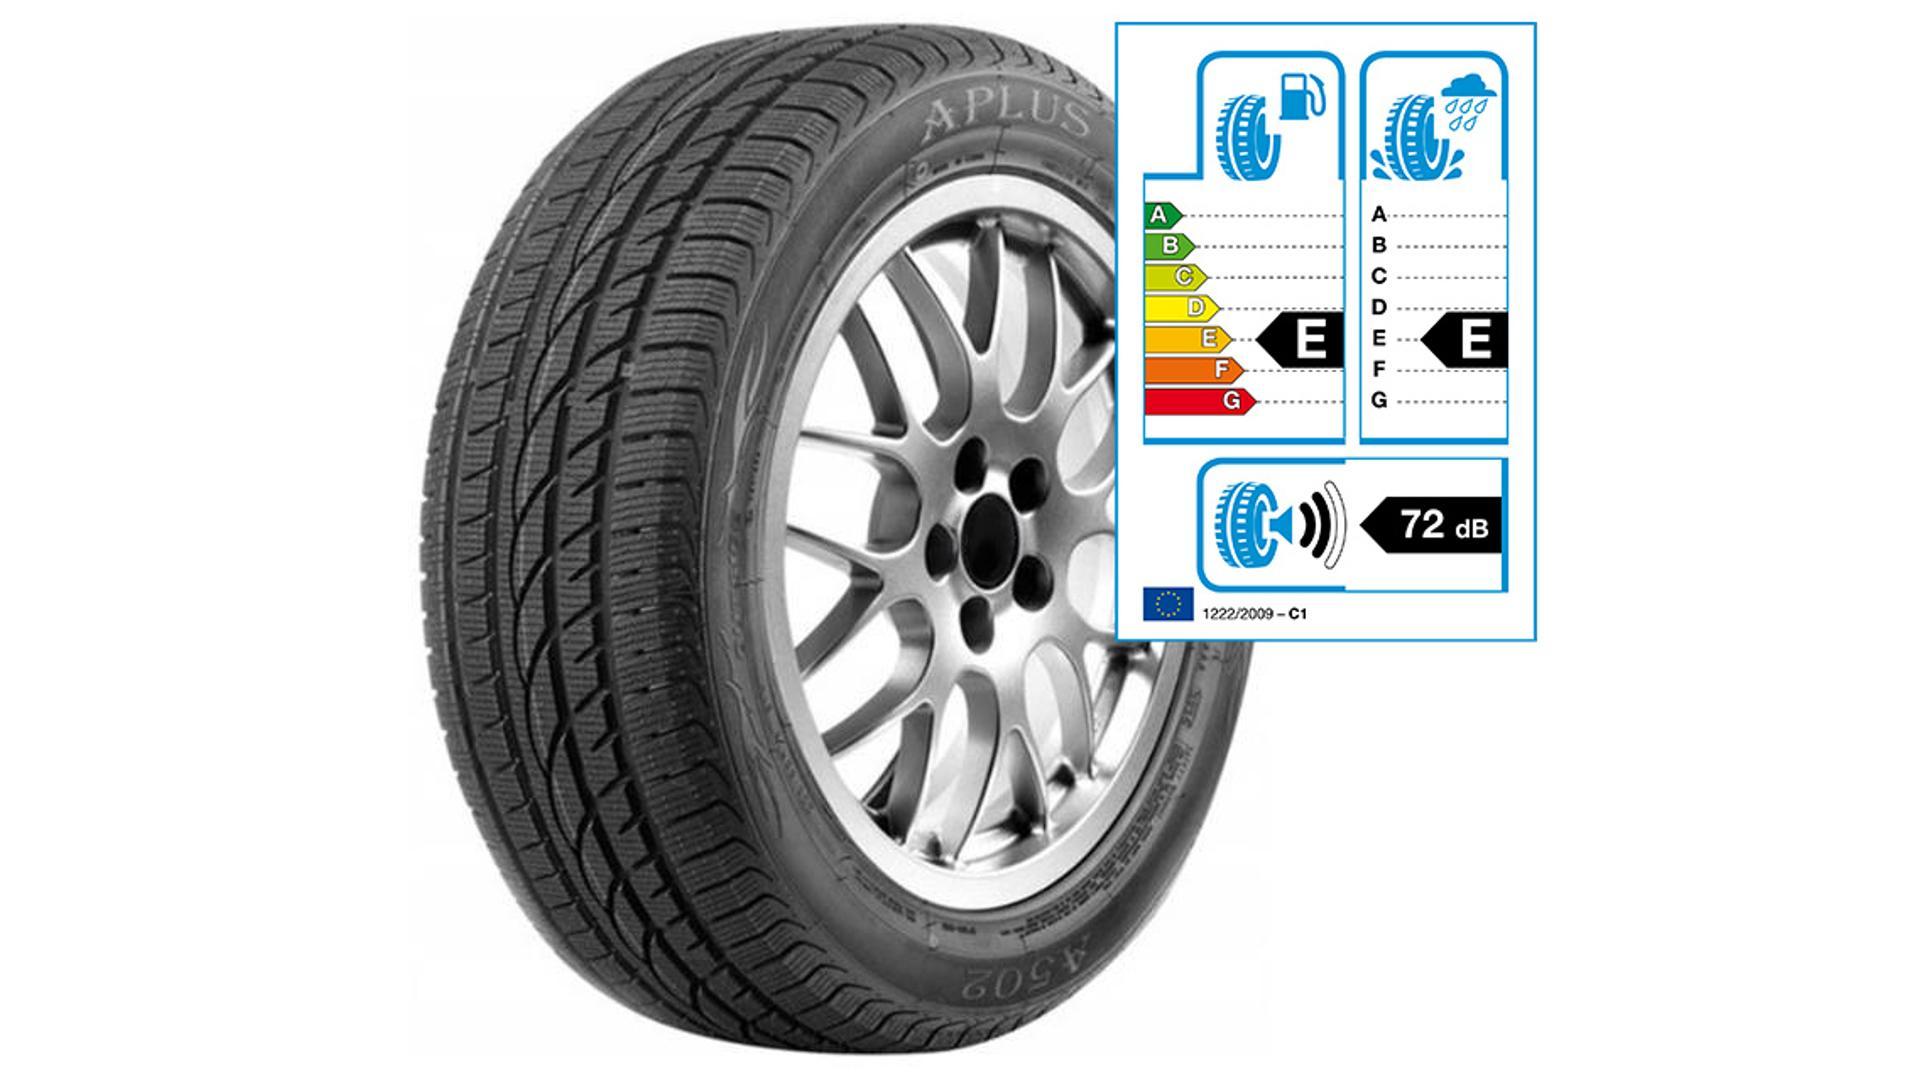 A502 Zimná pneumatika 205/55R16 91H